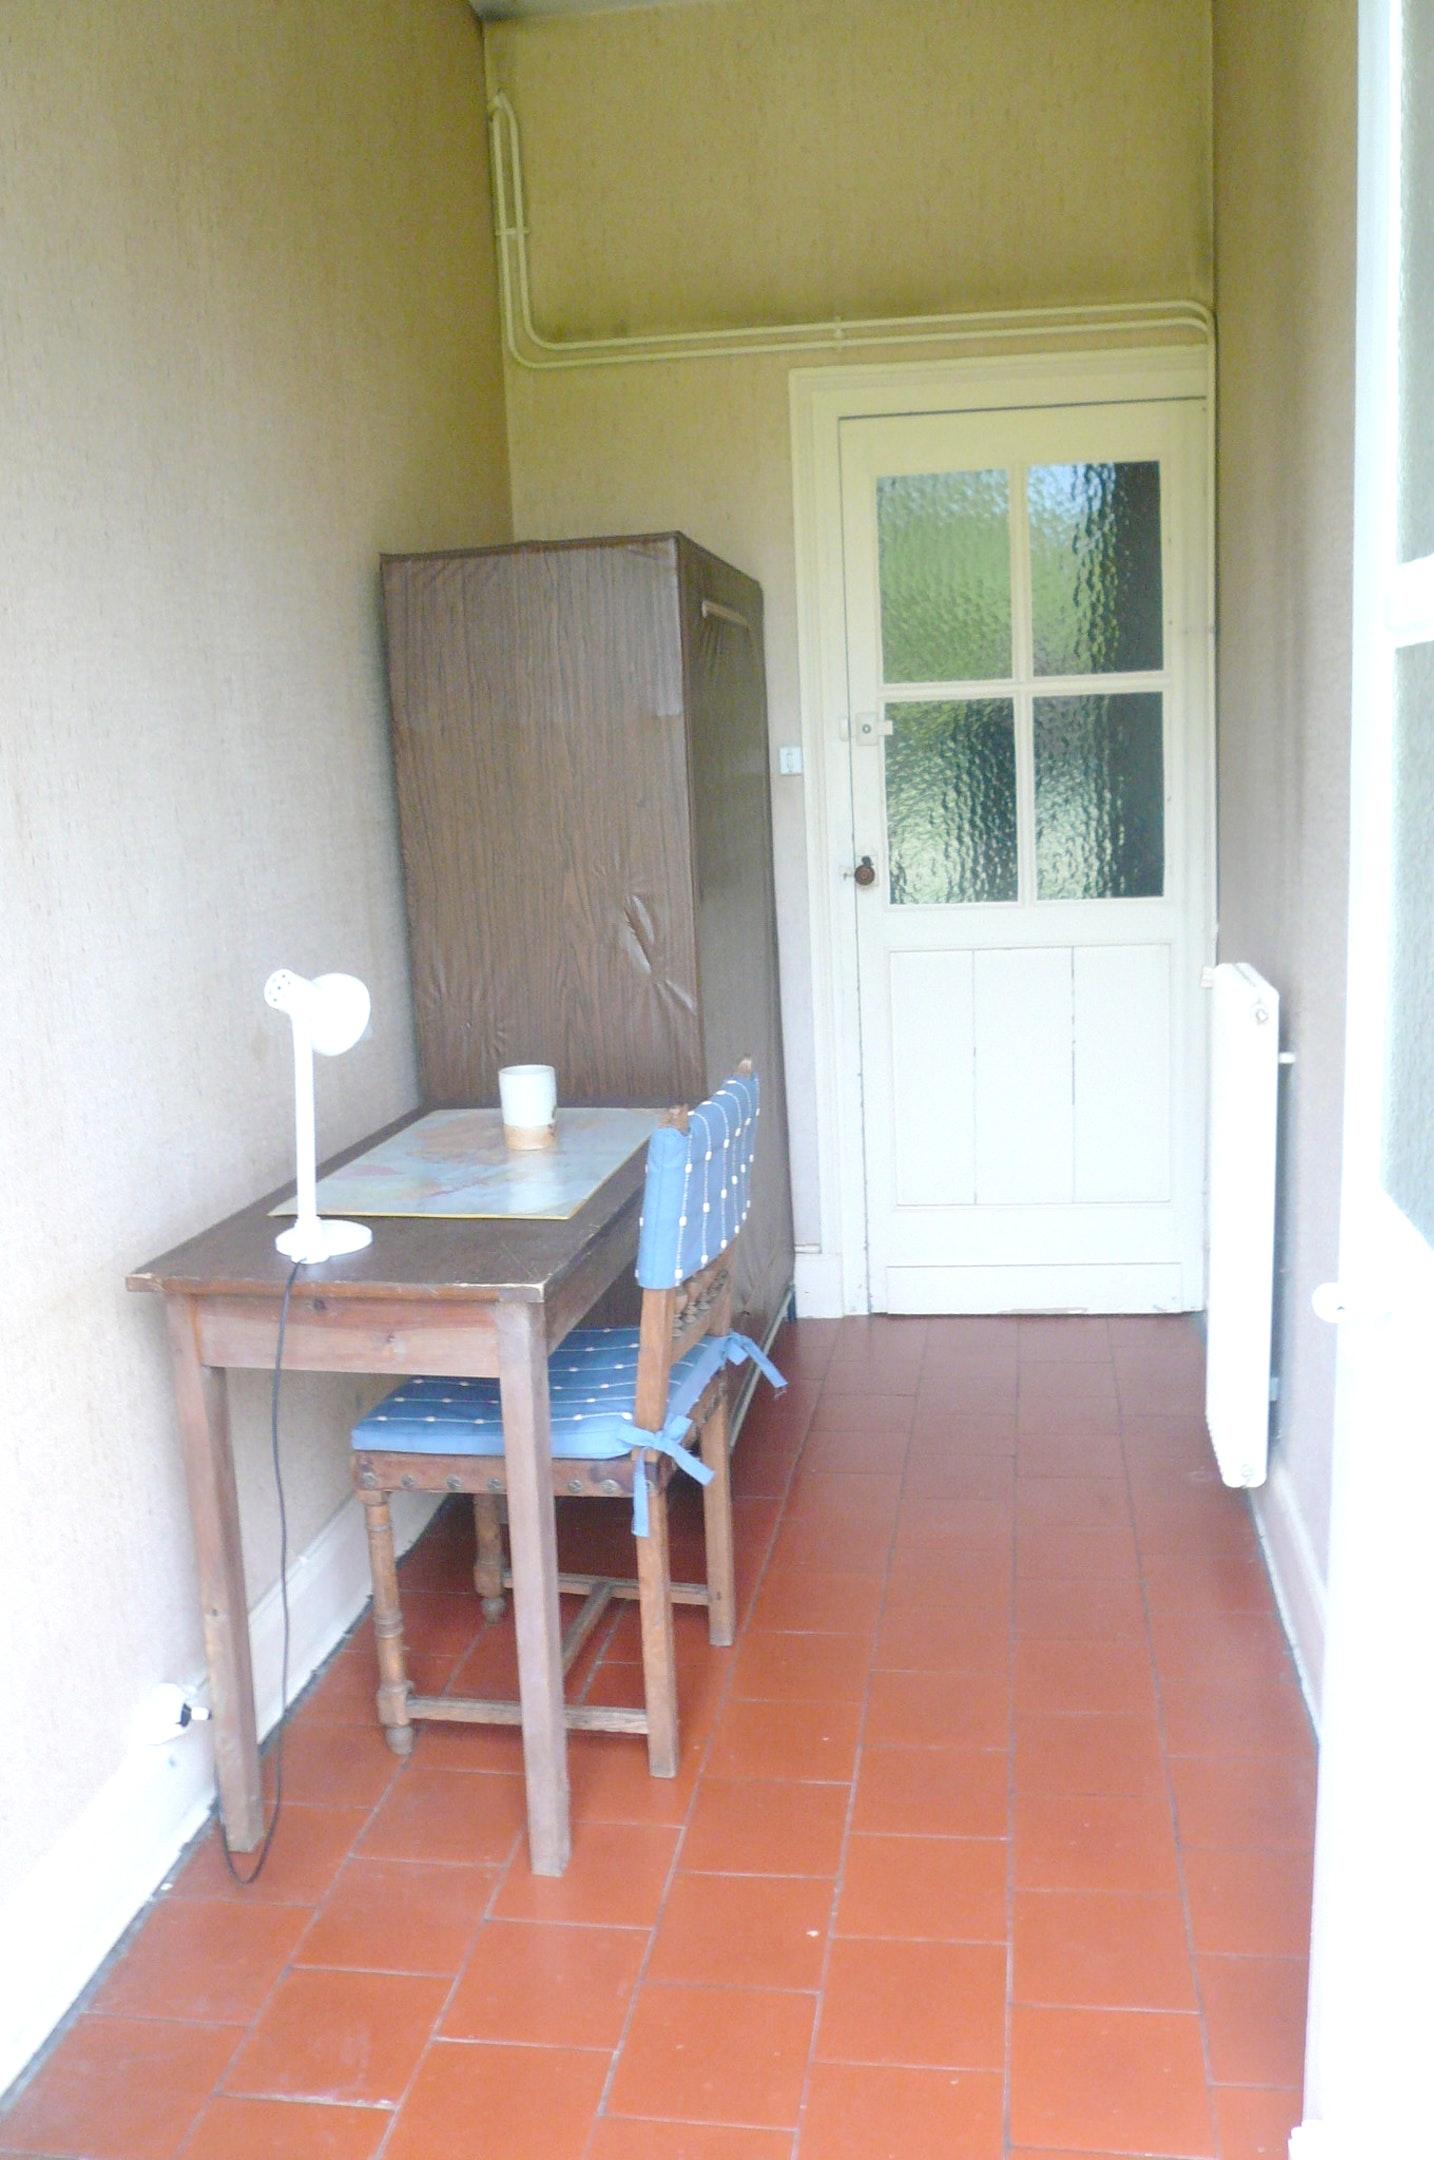 Maison de vacances Haus mit 4 Schlafzimmern in Castillon-la-Bataille mit eingezäuntem Garten und W-LAN - 85 k (2271453), Castillon la Bataille, Gironde, Aquitaine, France, image 14